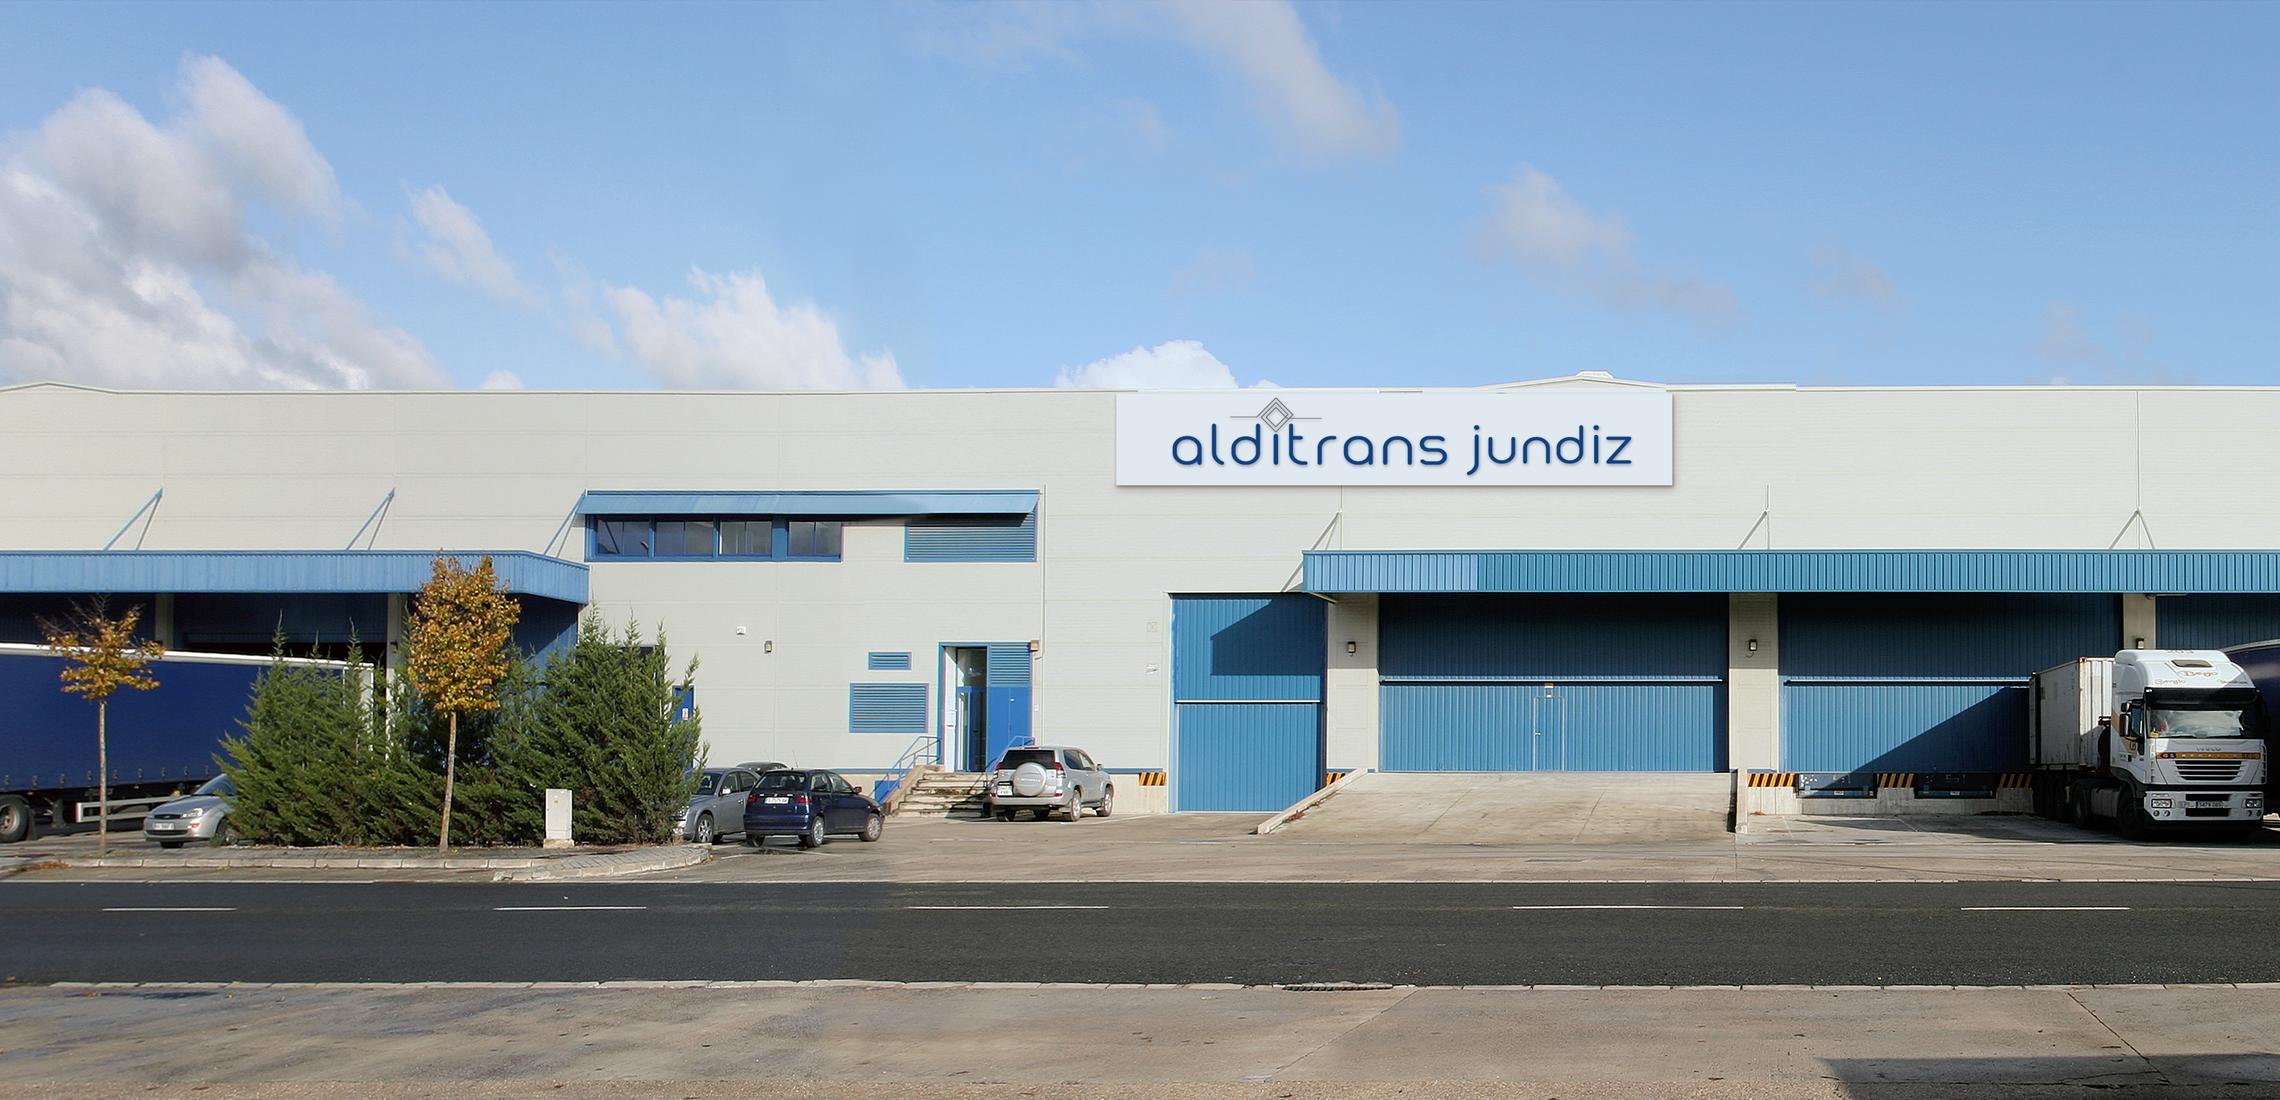 Alditrans Grupo Logístico | Instalaciones y medios | Alditrans Jundiz